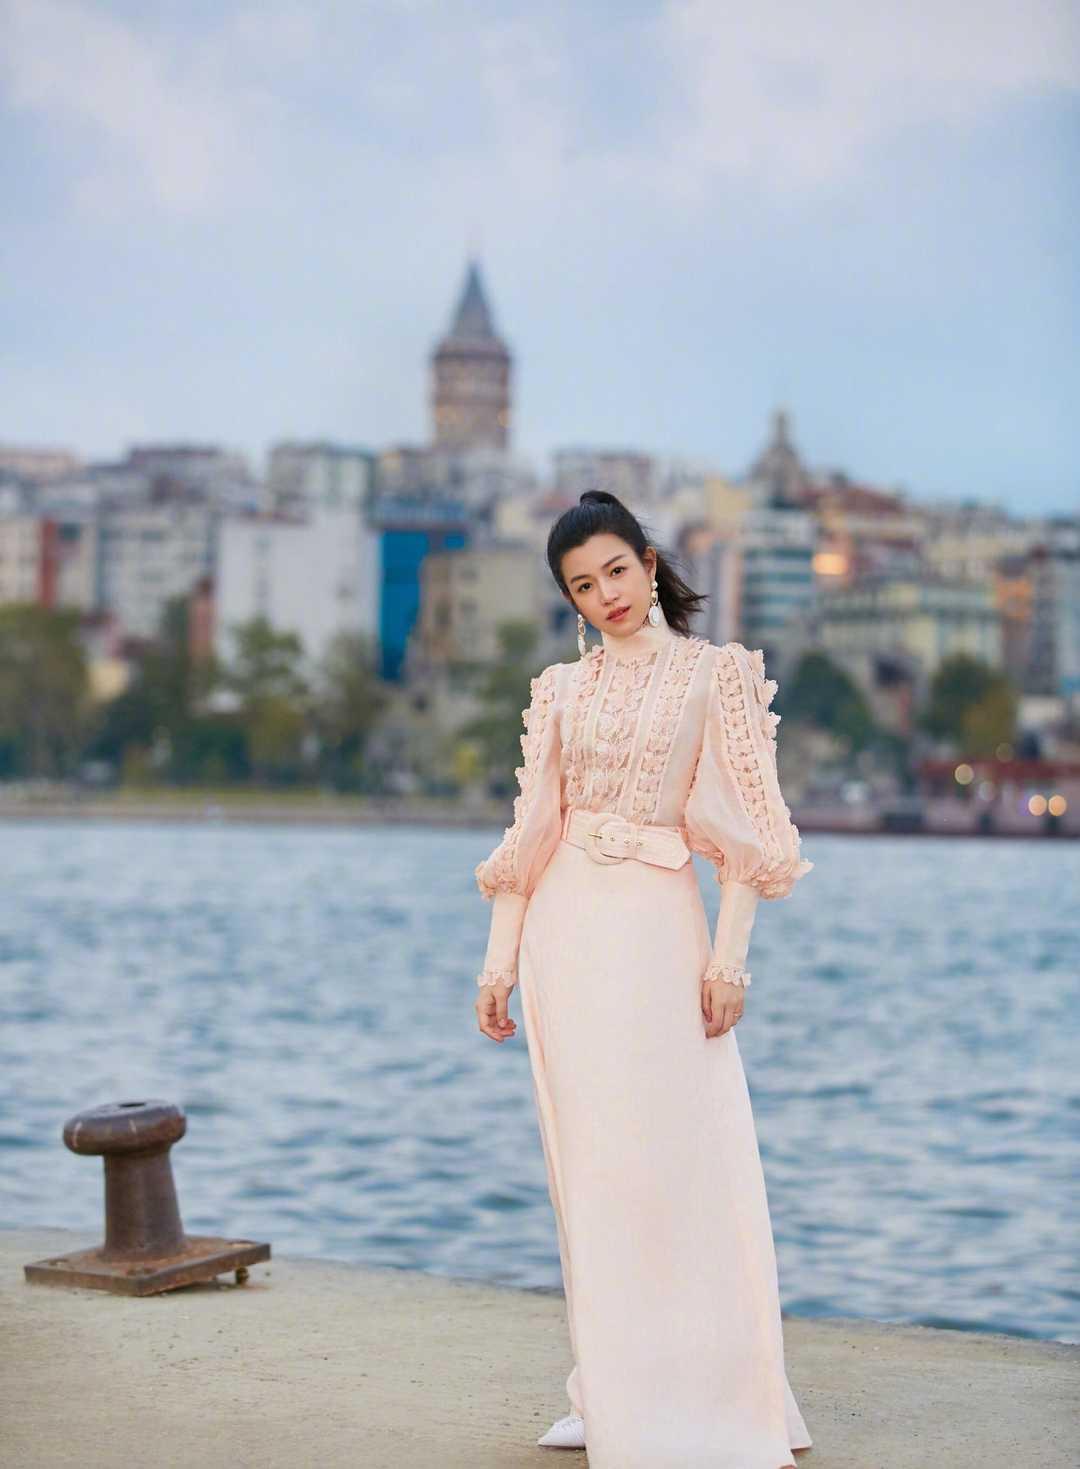 陈妍希的娃娃脸太有优势,穿黑色带配围巾减龄可爱,实用又舒适